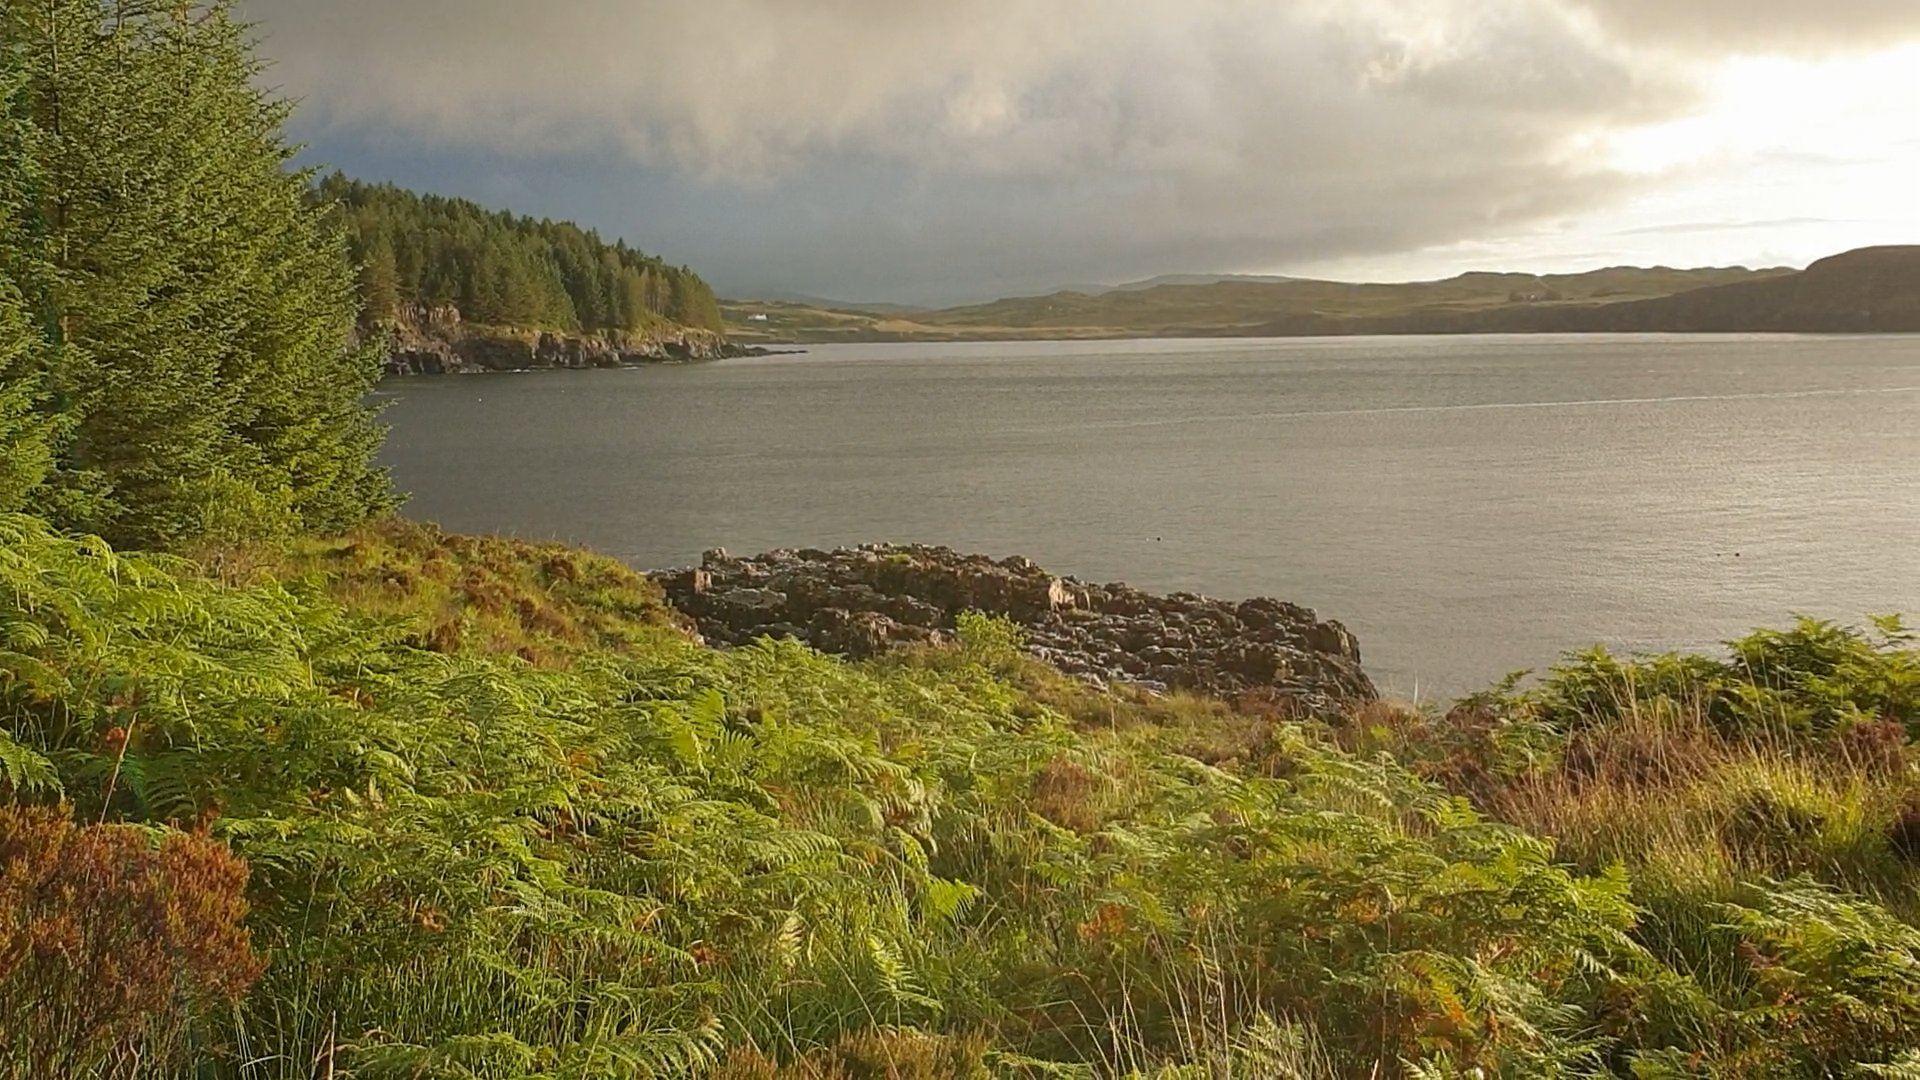 A fine early morning light over Loch Bracadale, Skye